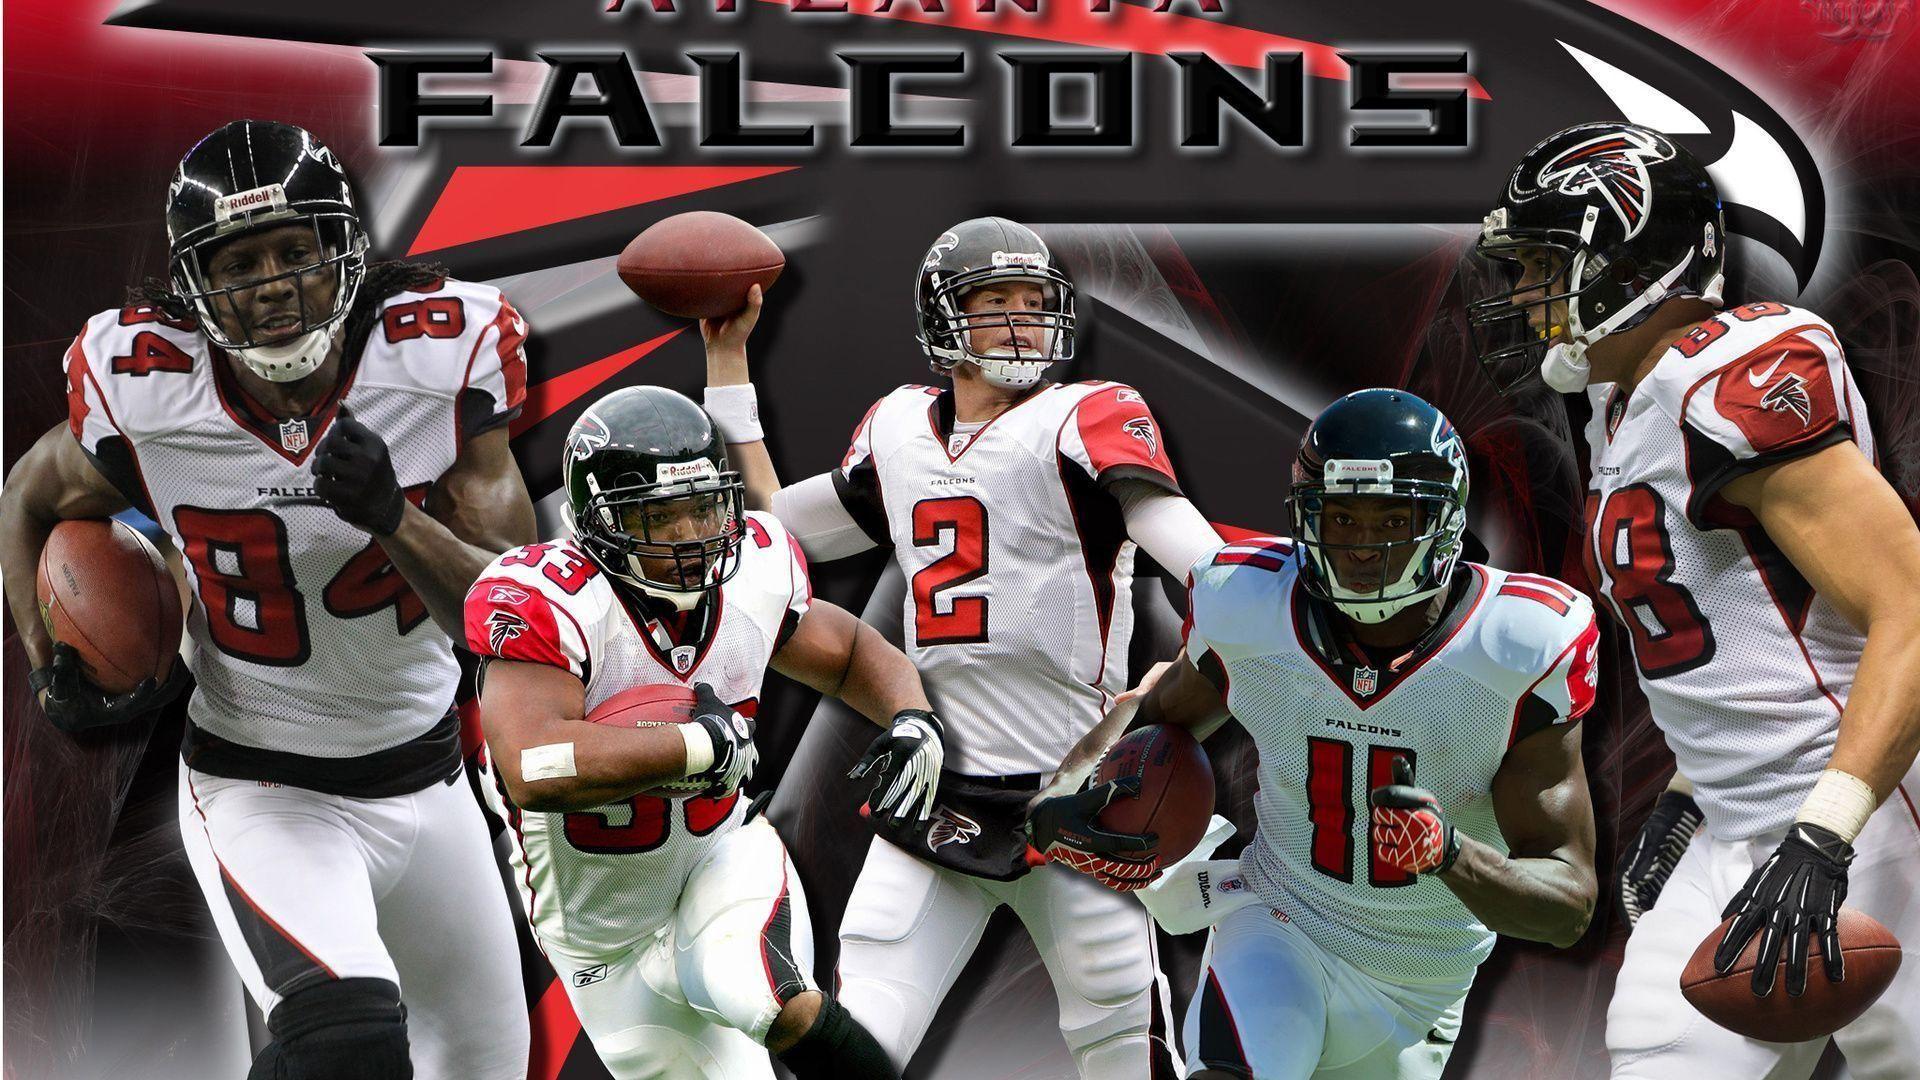 Atlanta Falcons wallpaper photo full hd